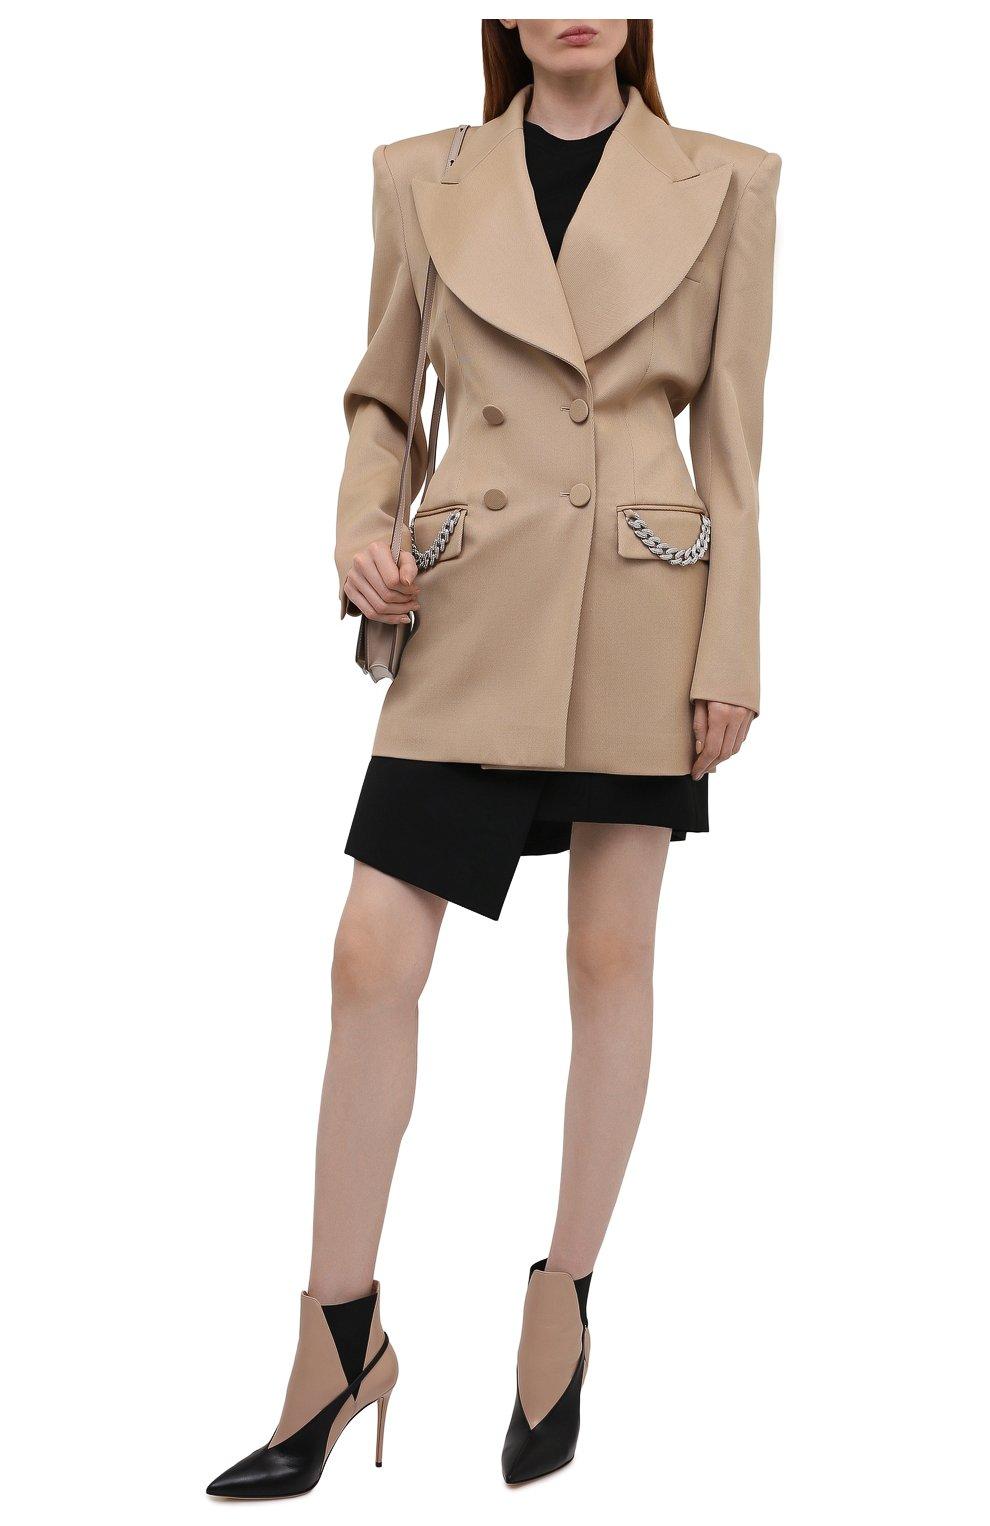 Женские кожаные ботильоны CASADEI бежевого цвета, арт. 1Q124T1001MIN0RA405   Фото 2 (Каблук высота: Высокий; Материал внутренний: Натуральная кожа; Каблук тип: Шпилька; Подошва: Плоская)